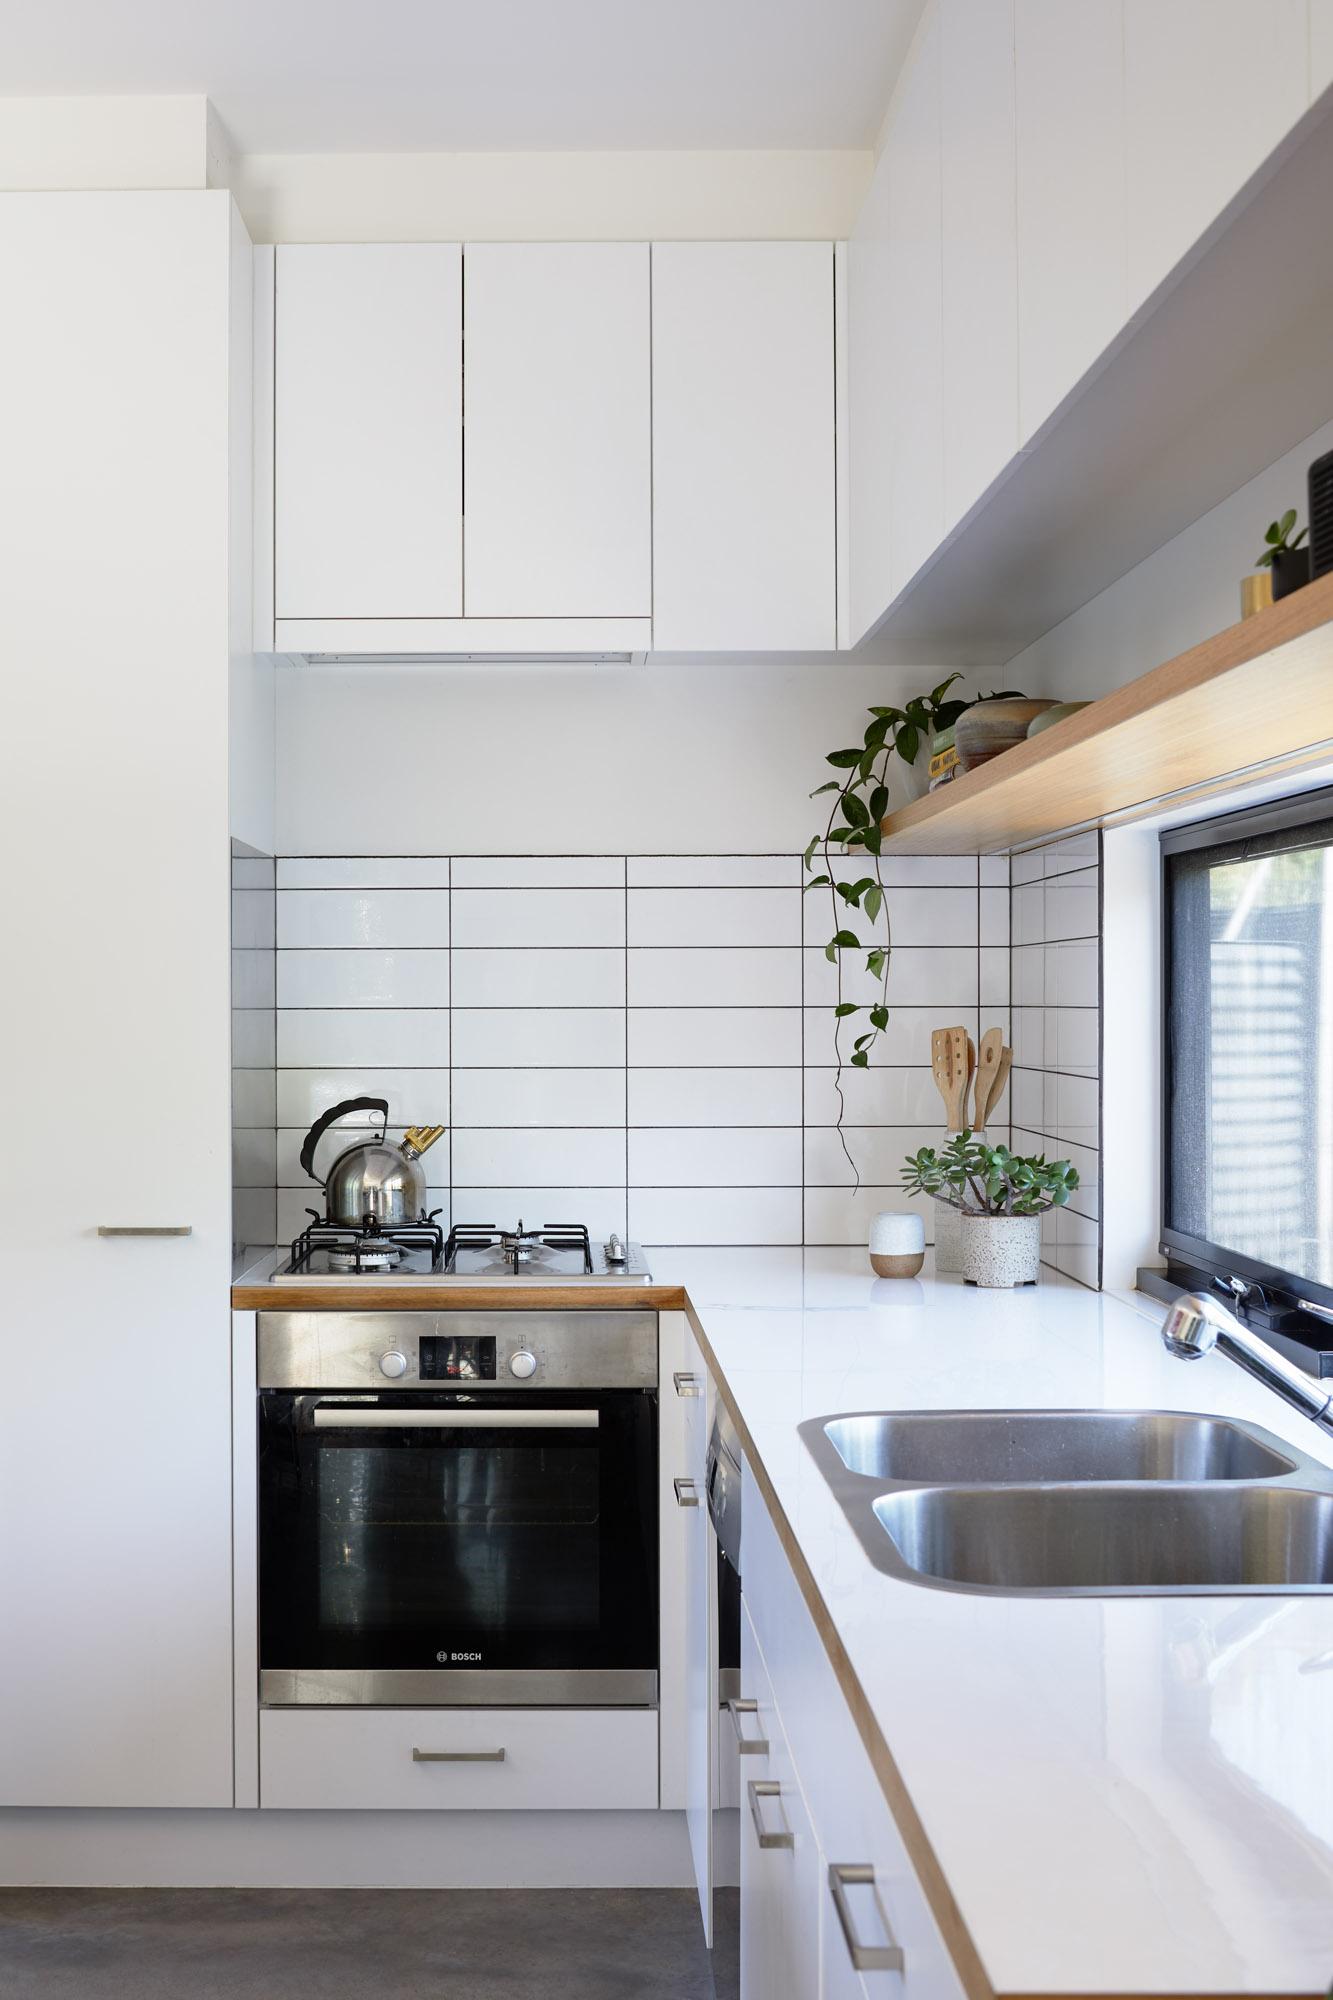 portsea house kitchen image